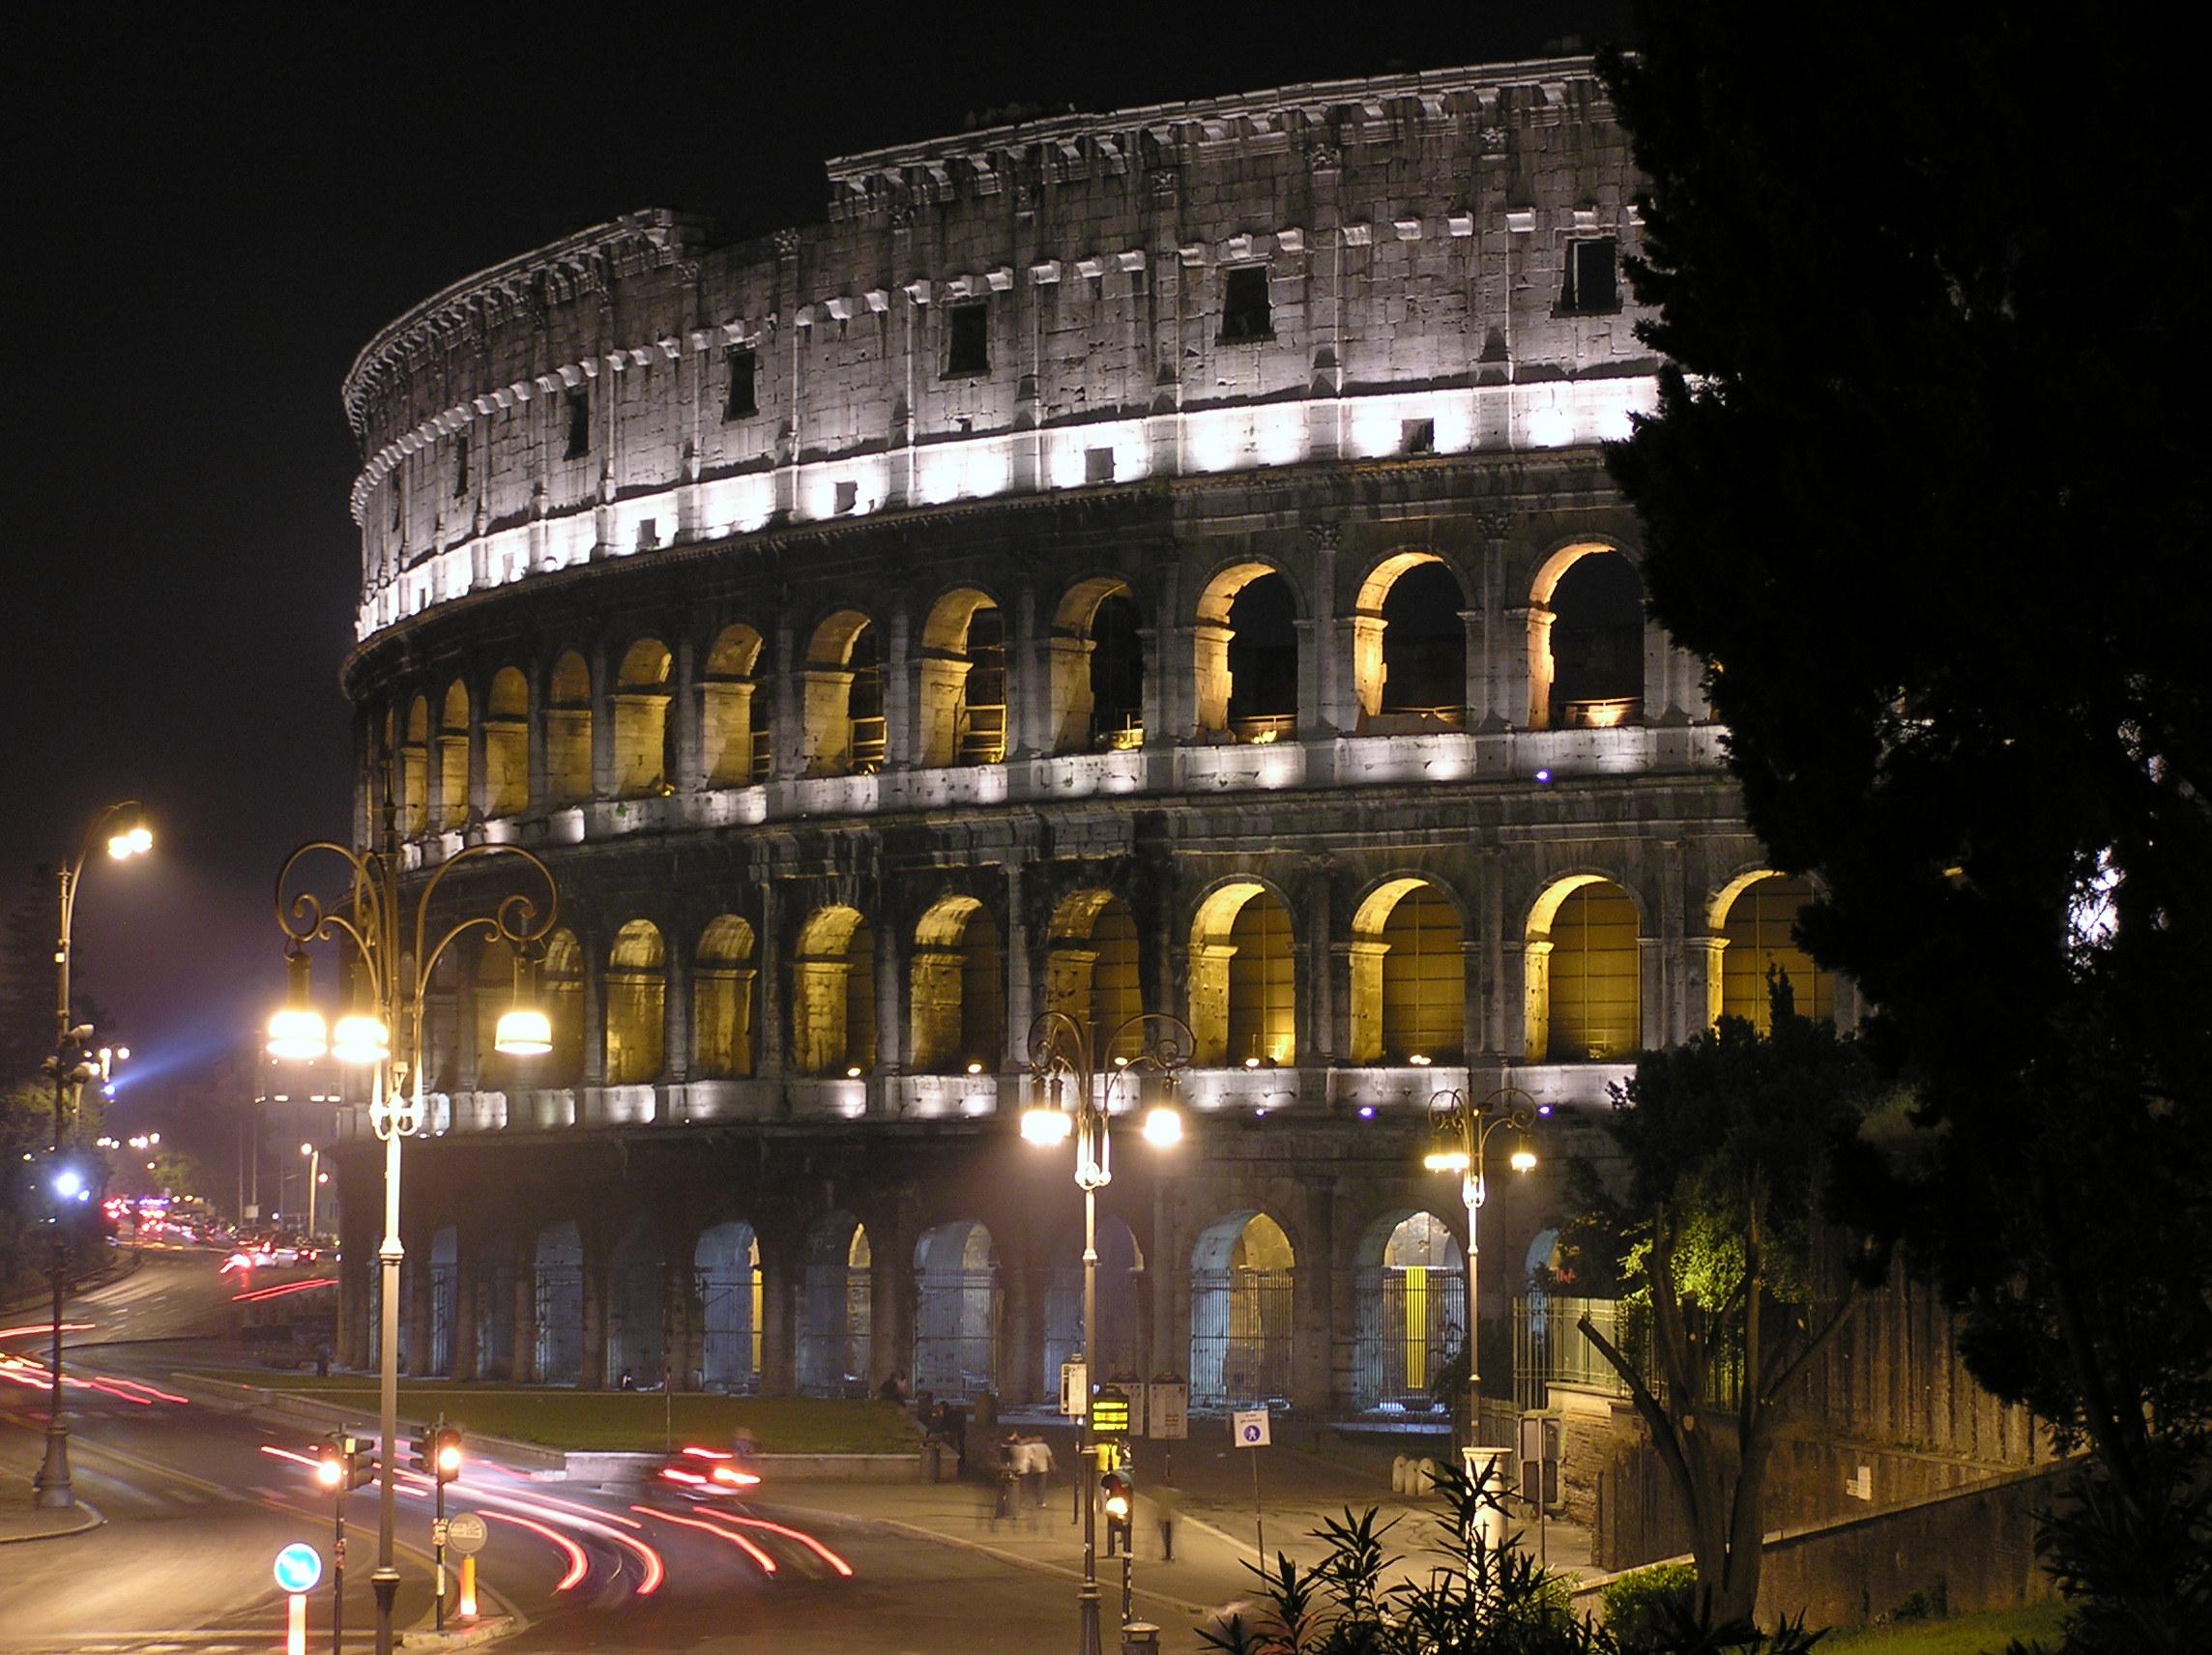 Colosseo Di Notte Visite.File Colosseo Di Notte 01 Jpg Wikipedia